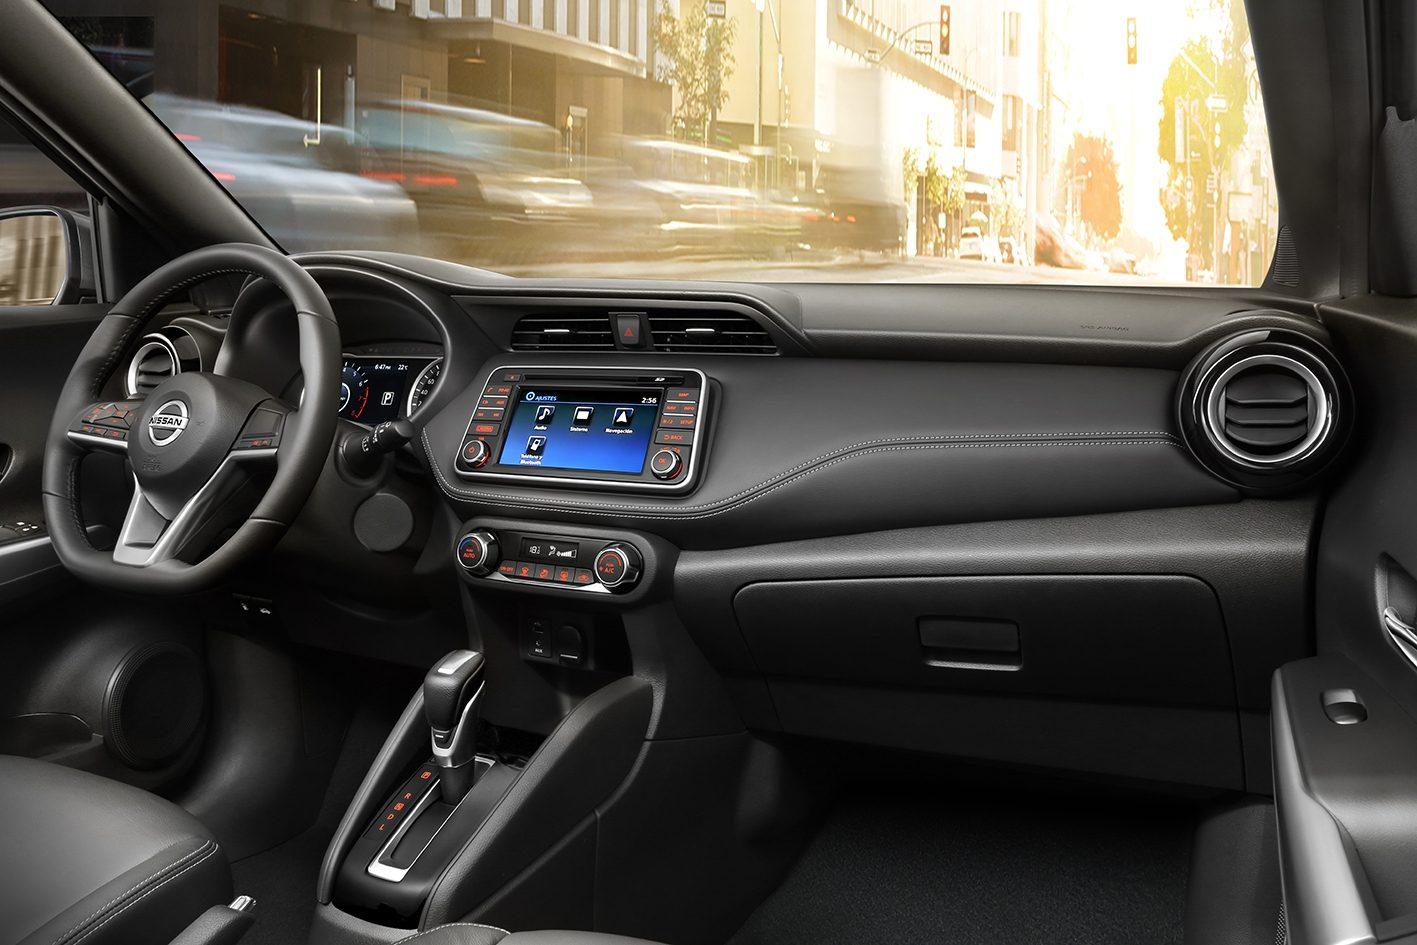 Nissan 2018 >> Novo Nissan Kicks 2019 - Preço, Consumo, Ficha Técnica, Fotos, Interior